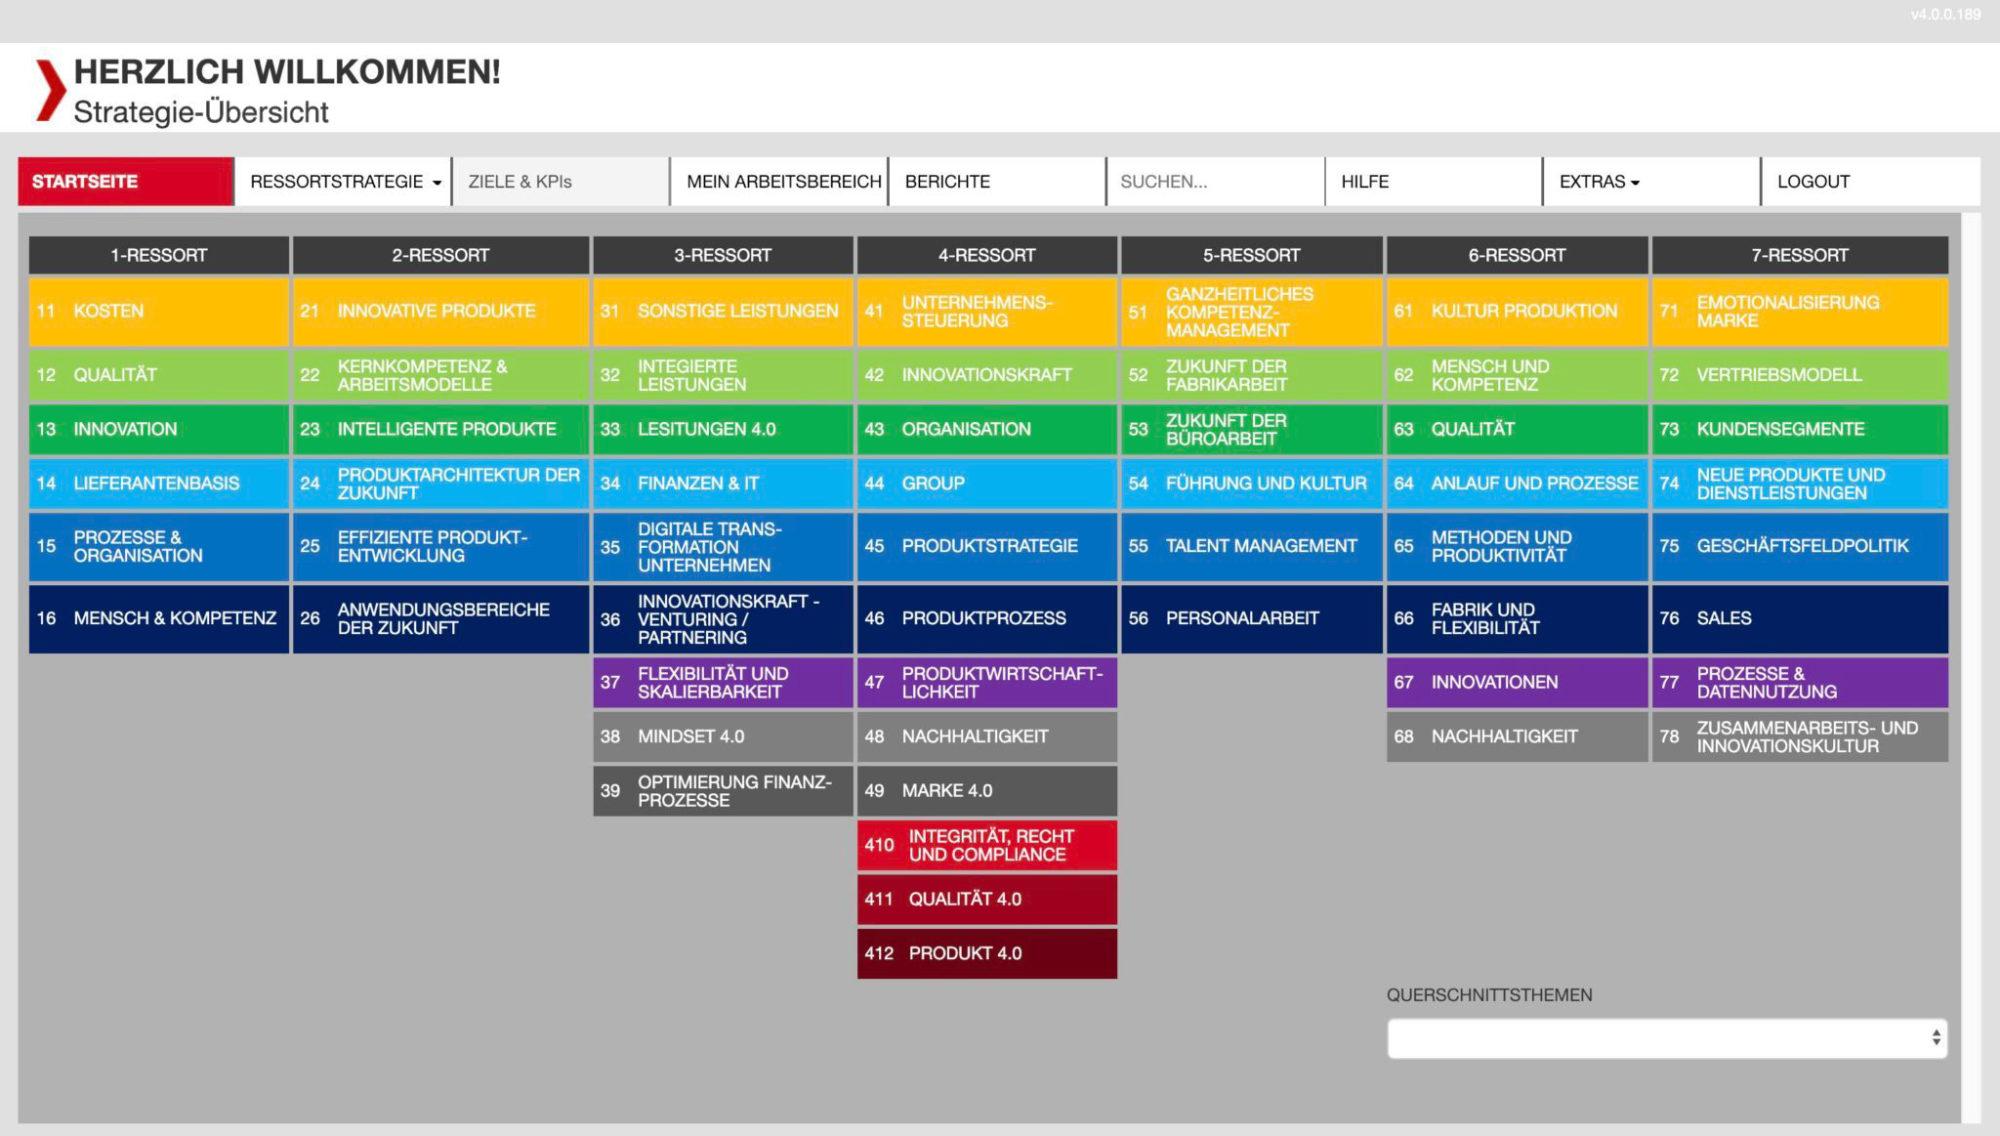 Agile und flexibel skalierbare Steuerung aller Unternehmensstrategien inklusive detaillierter Auswertungen – in Echtzeit.